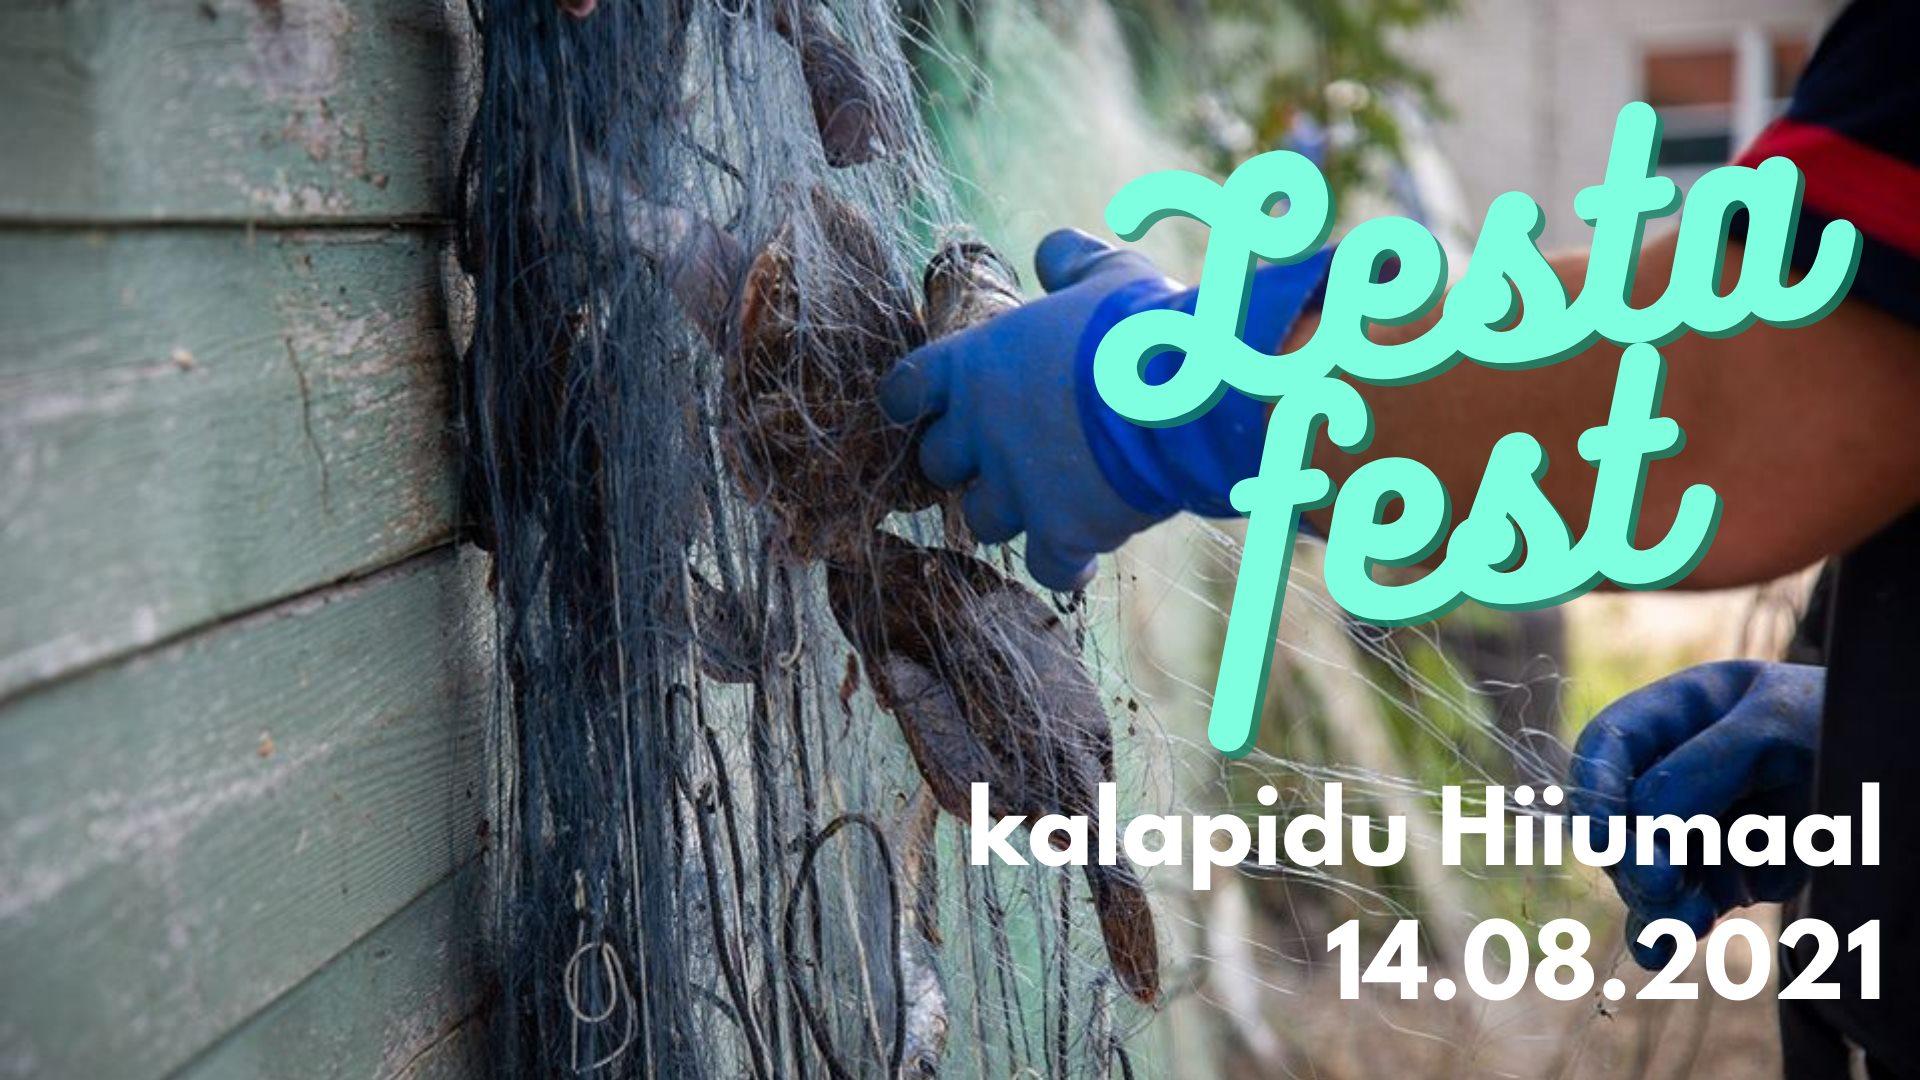 Посмотрите рыбное событие: Фестиваль камбалы